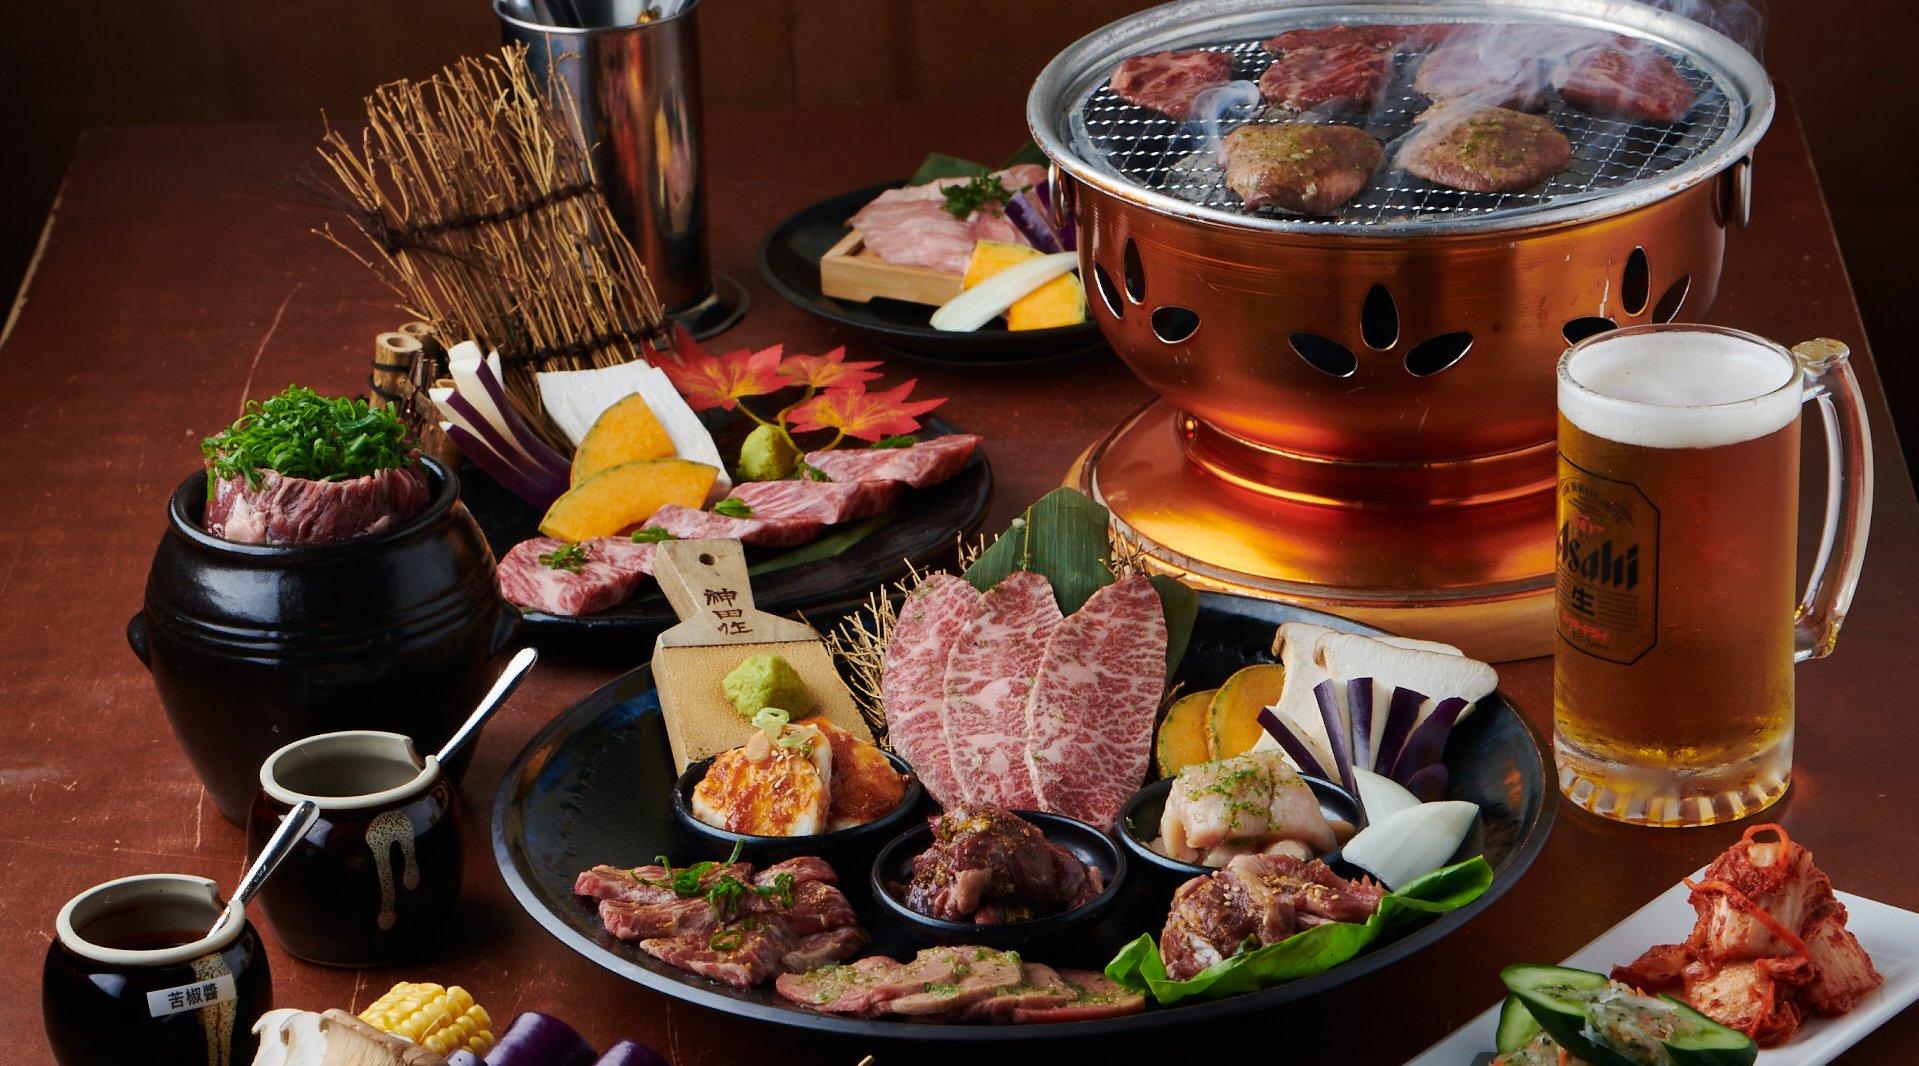 丸道燒肉-現場 500 元折抵|贈小菜